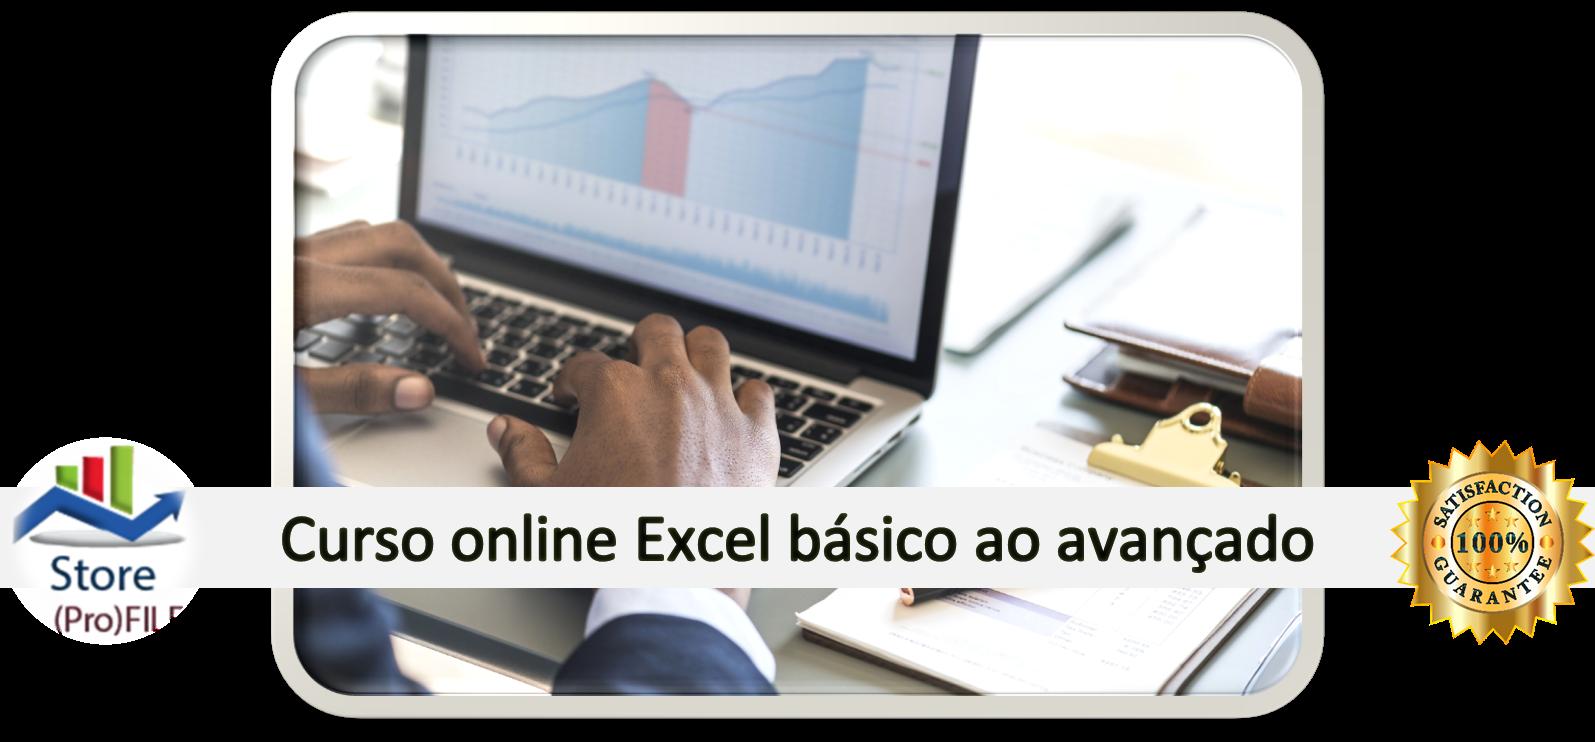 Curso Excel básico ao avançado